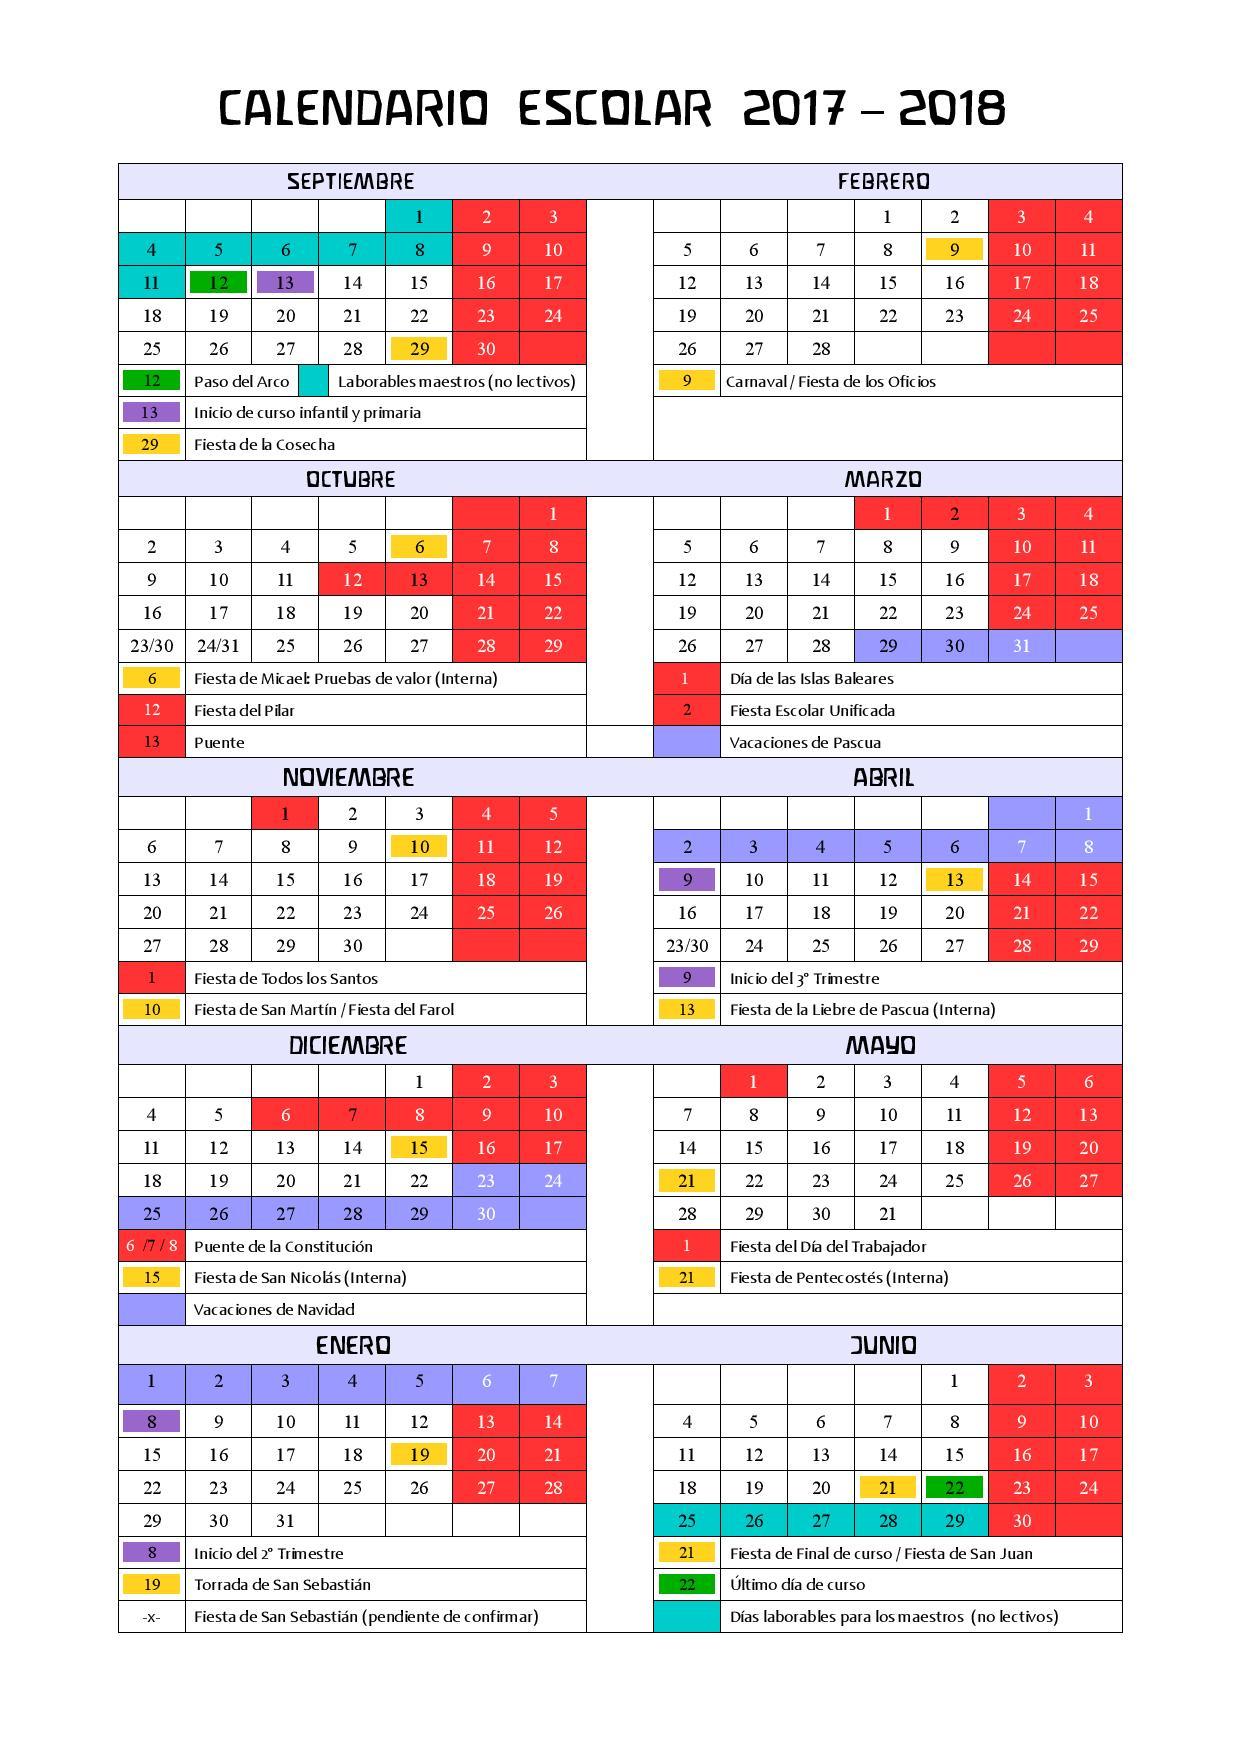 Escolasofia Calendario Escolar 2017-18